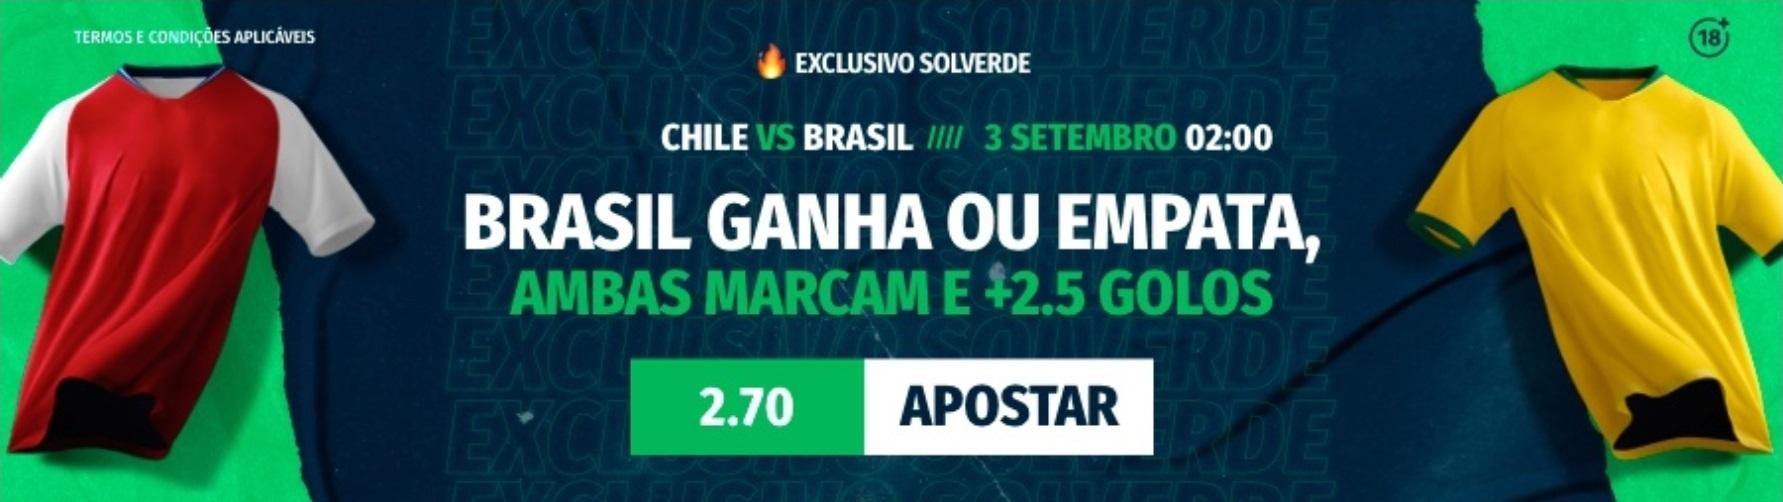 Suécia Espanha Chile Brasil